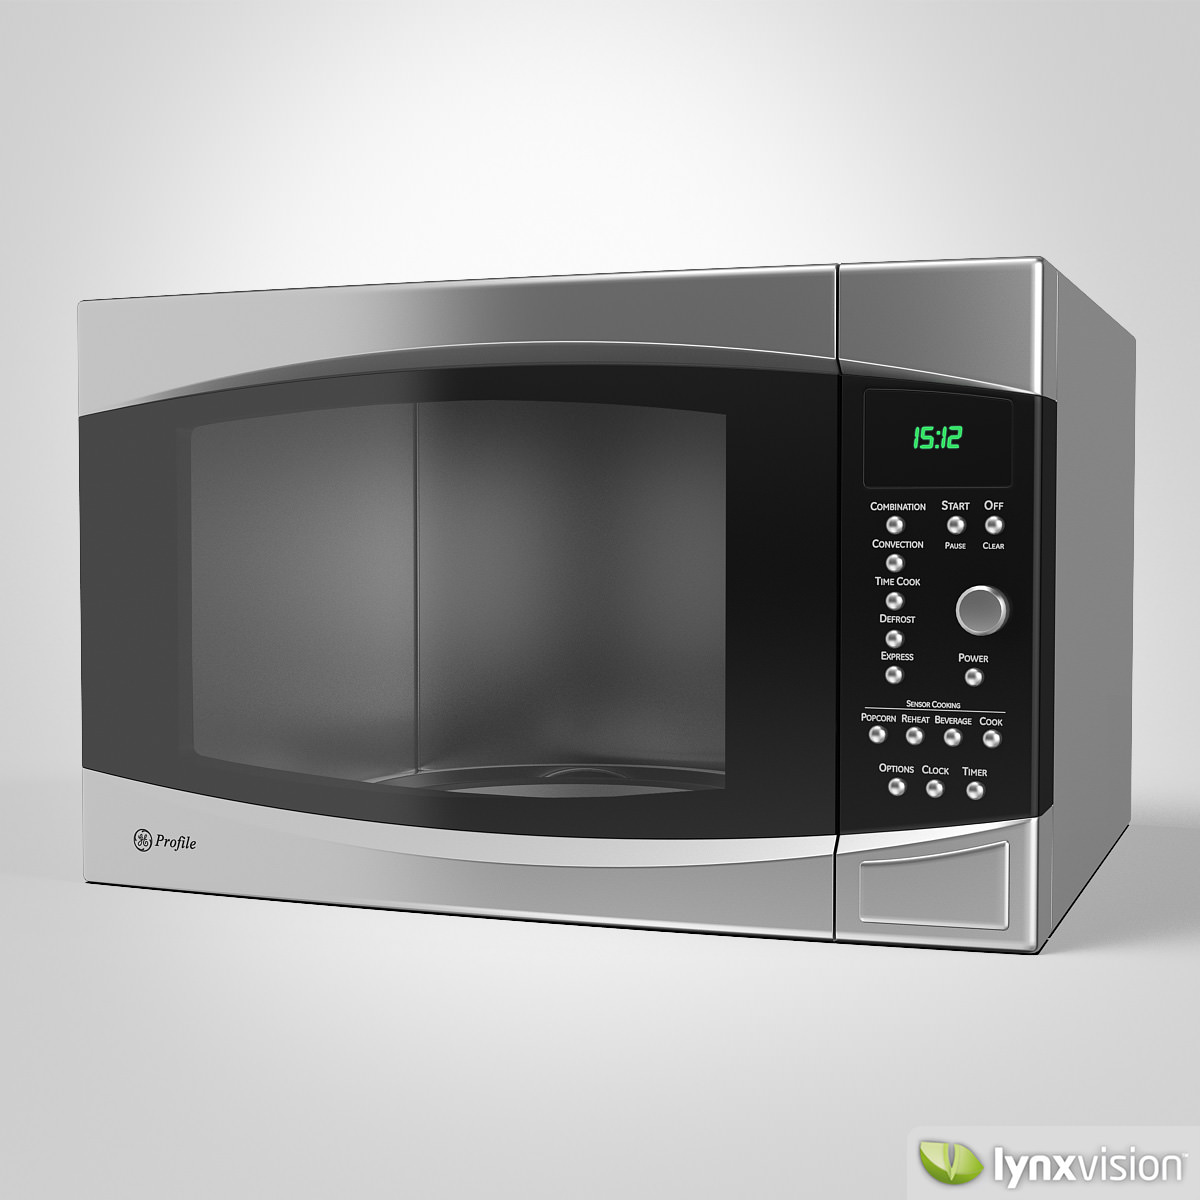 Ge Microwave Oven Model Max Obj Fbx Mtl 1